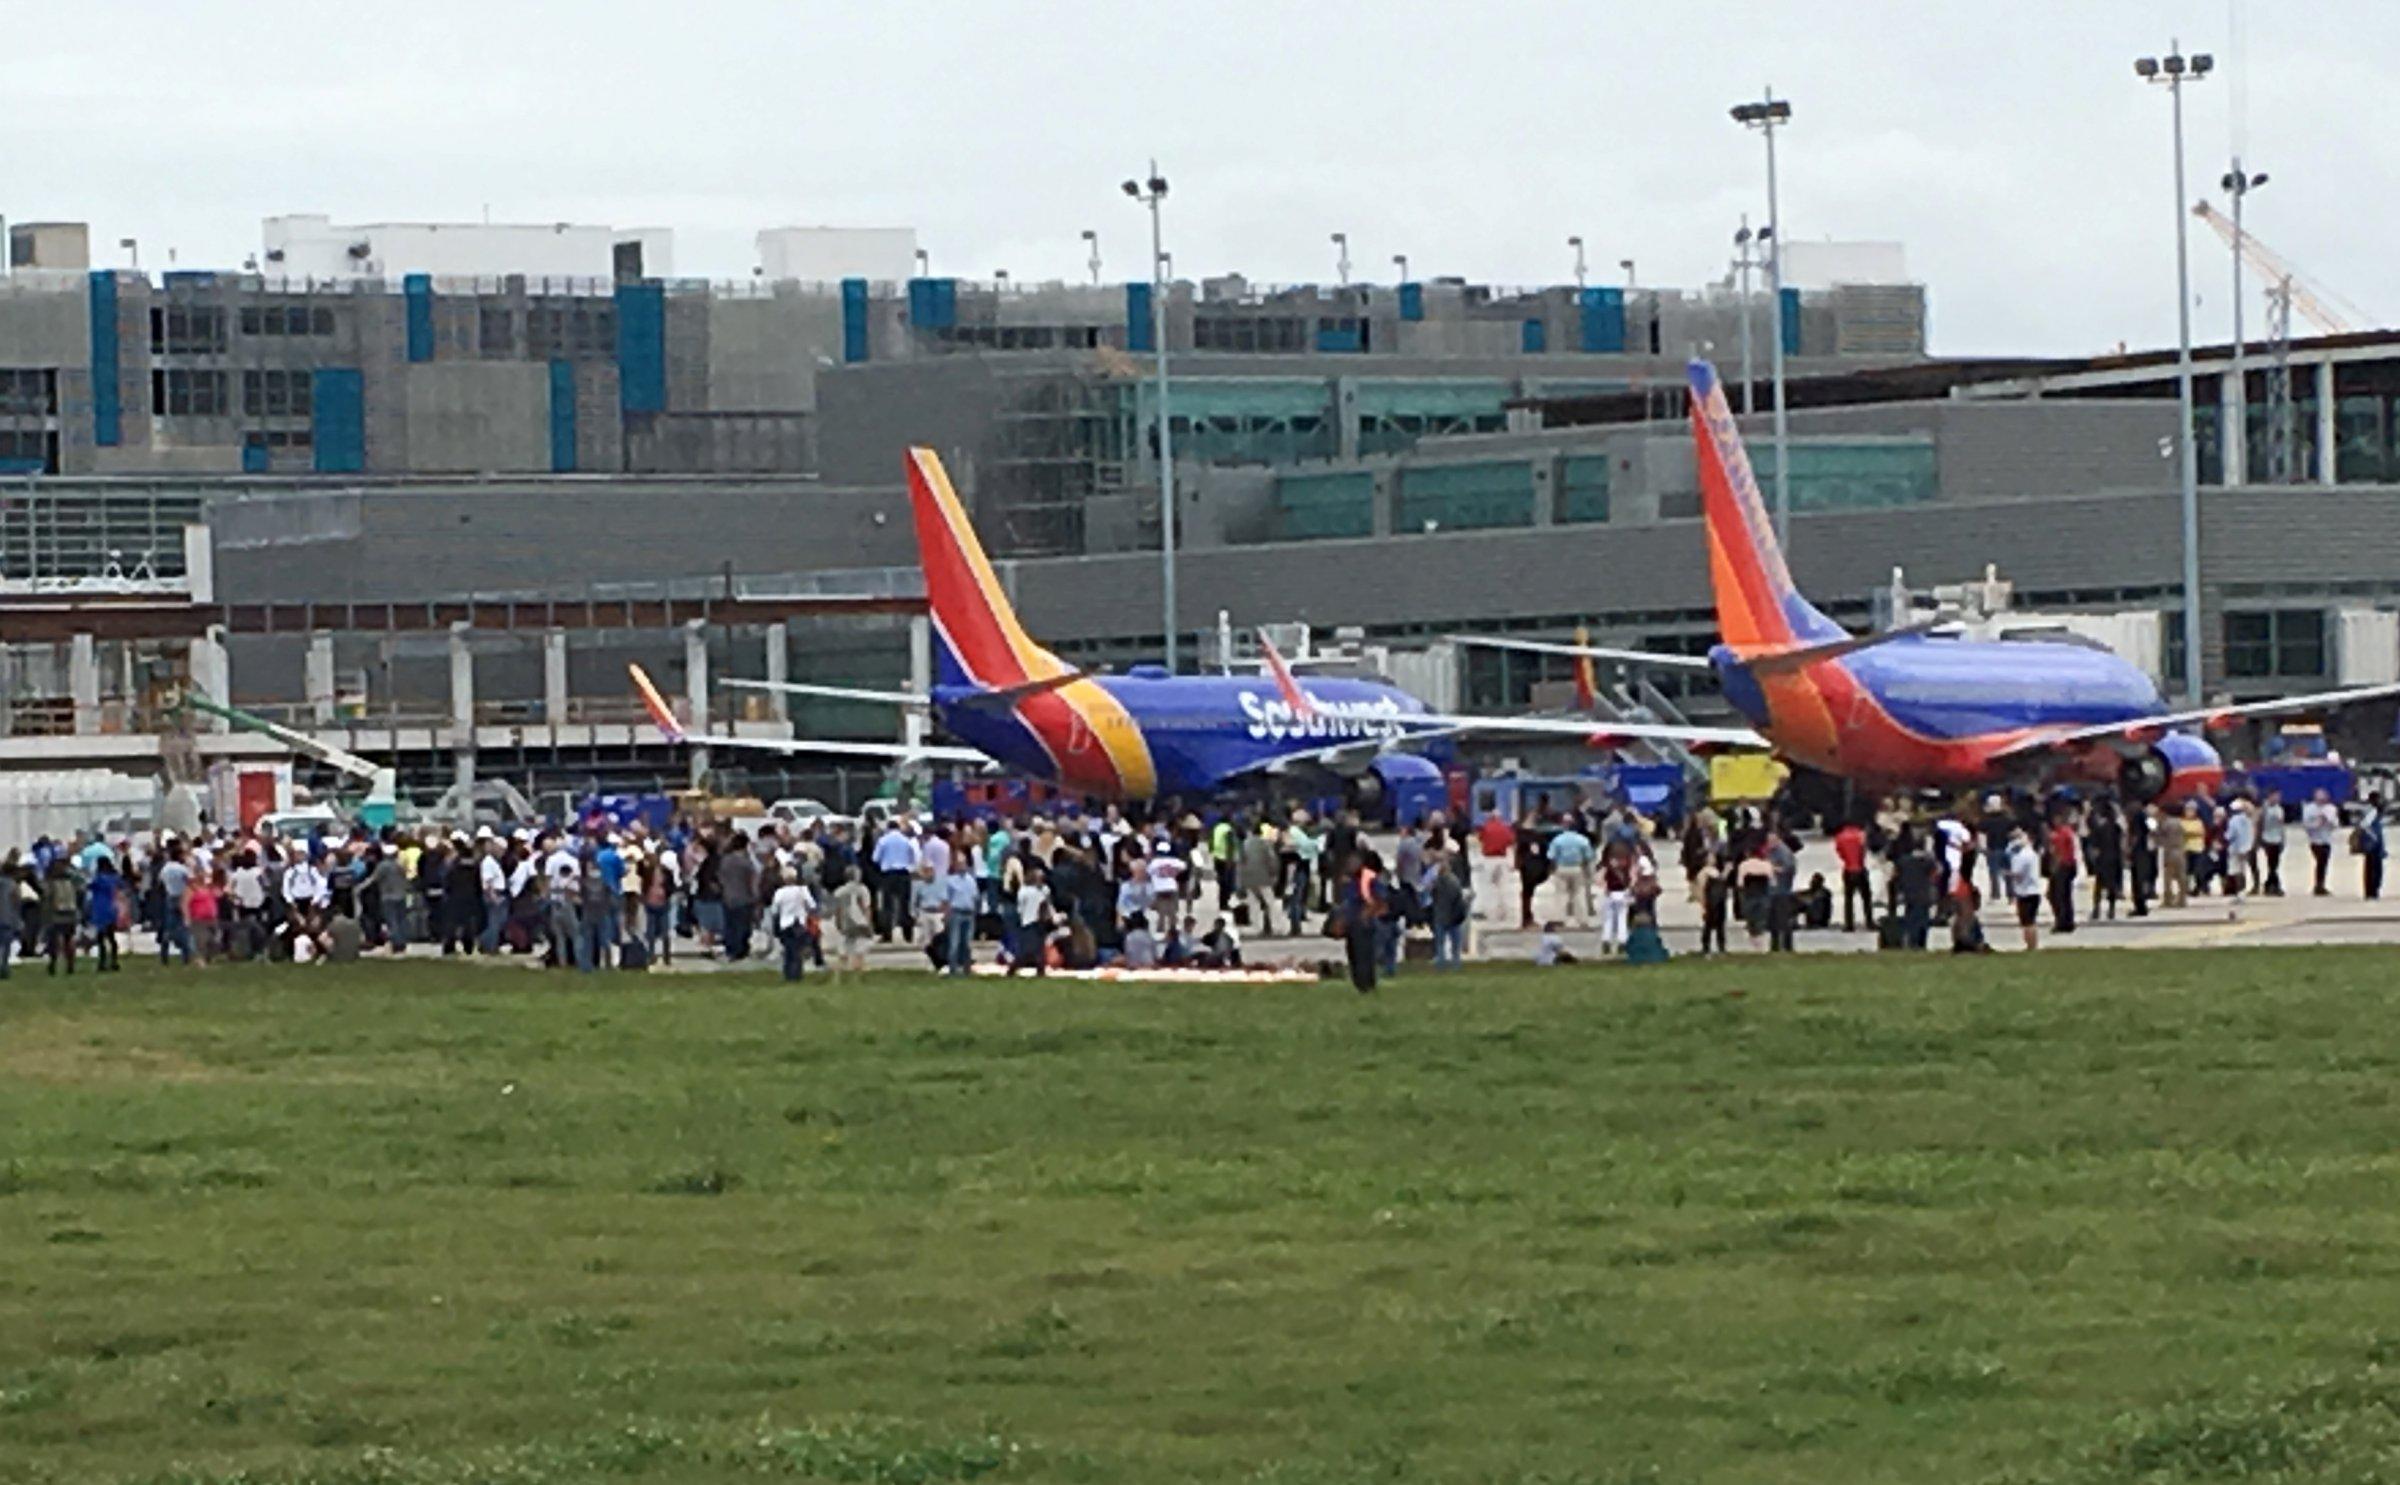 Nô súng ở phi trường Fort Lauderdale, Florida, nhiều người chết, hàng chục người bị thương